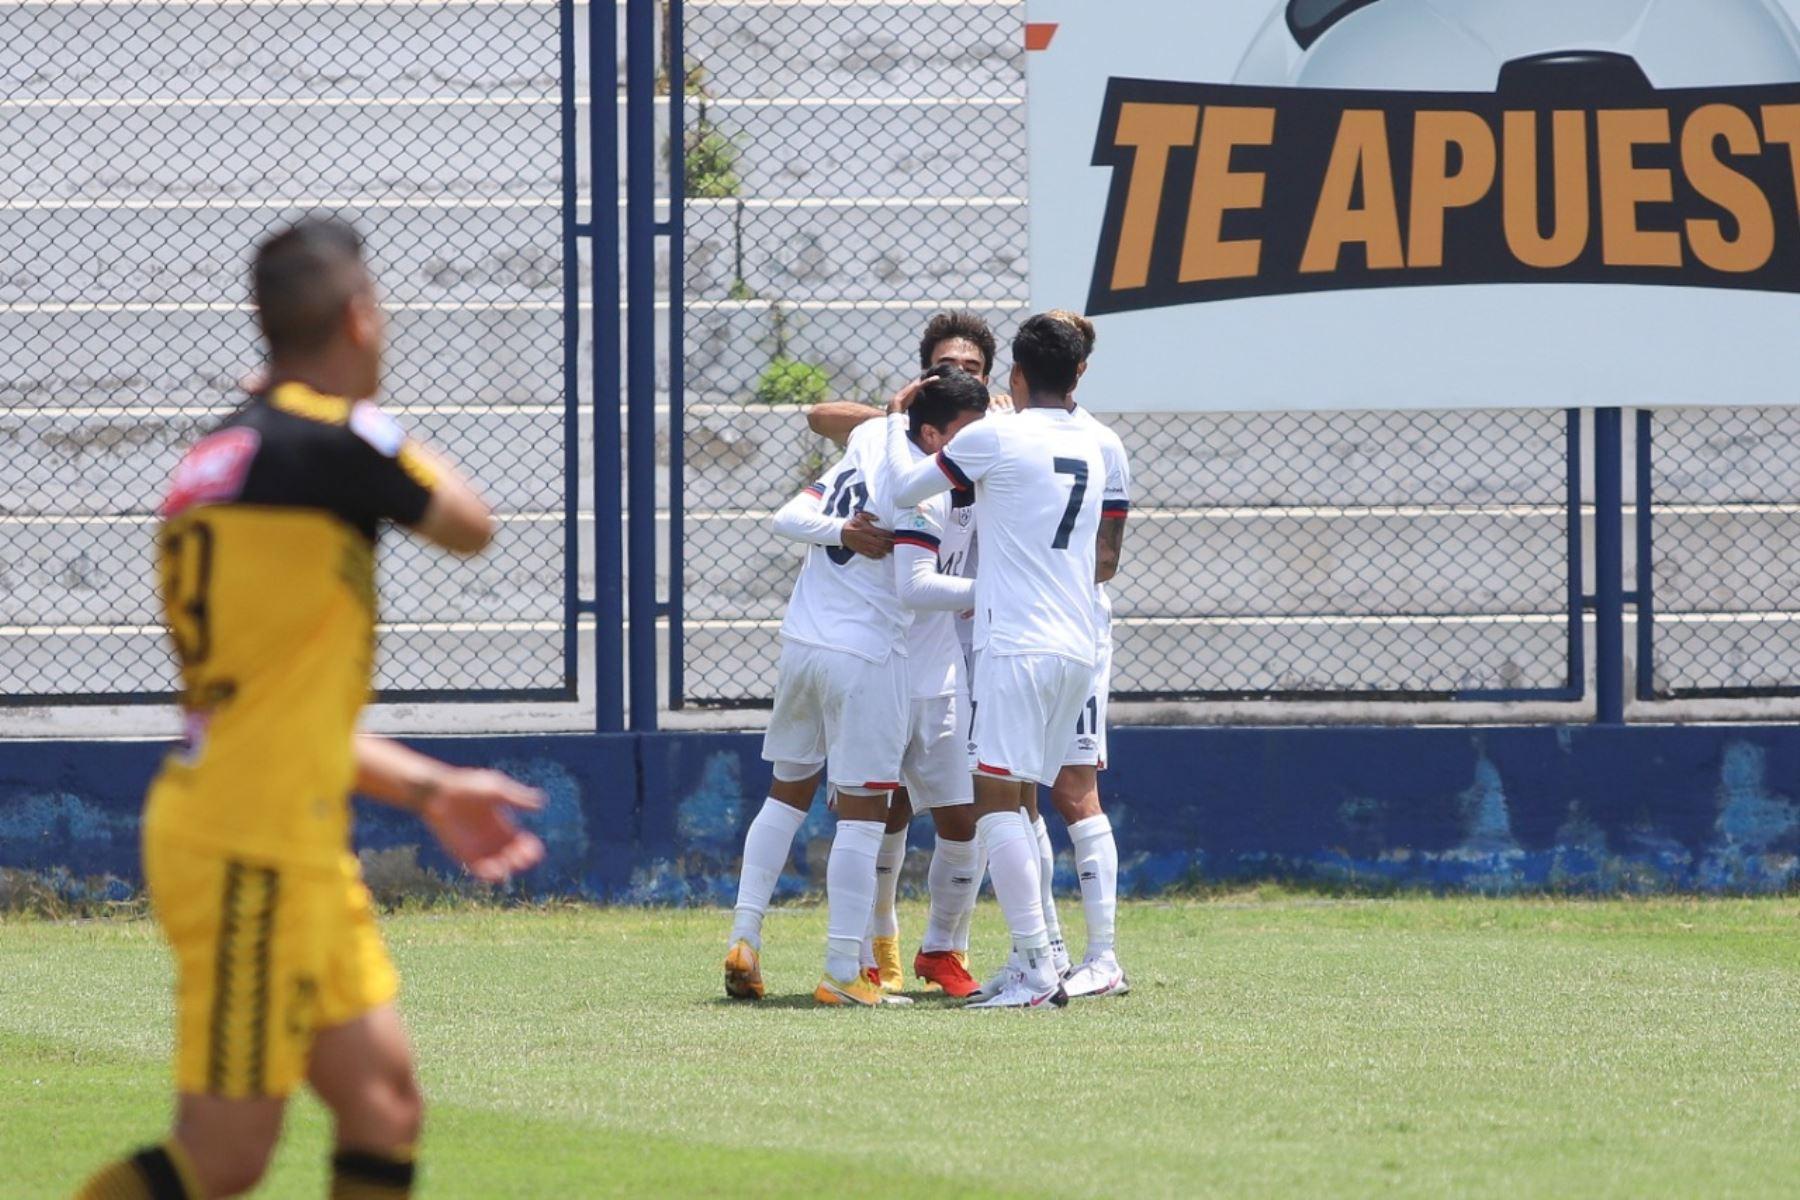 Jordan Guivin de San Martín anota ante Cantolao por la octava jornada de la fase 2 de la Liga 1, en el estadio Iván Elías Moreno. Foto: Liga 1